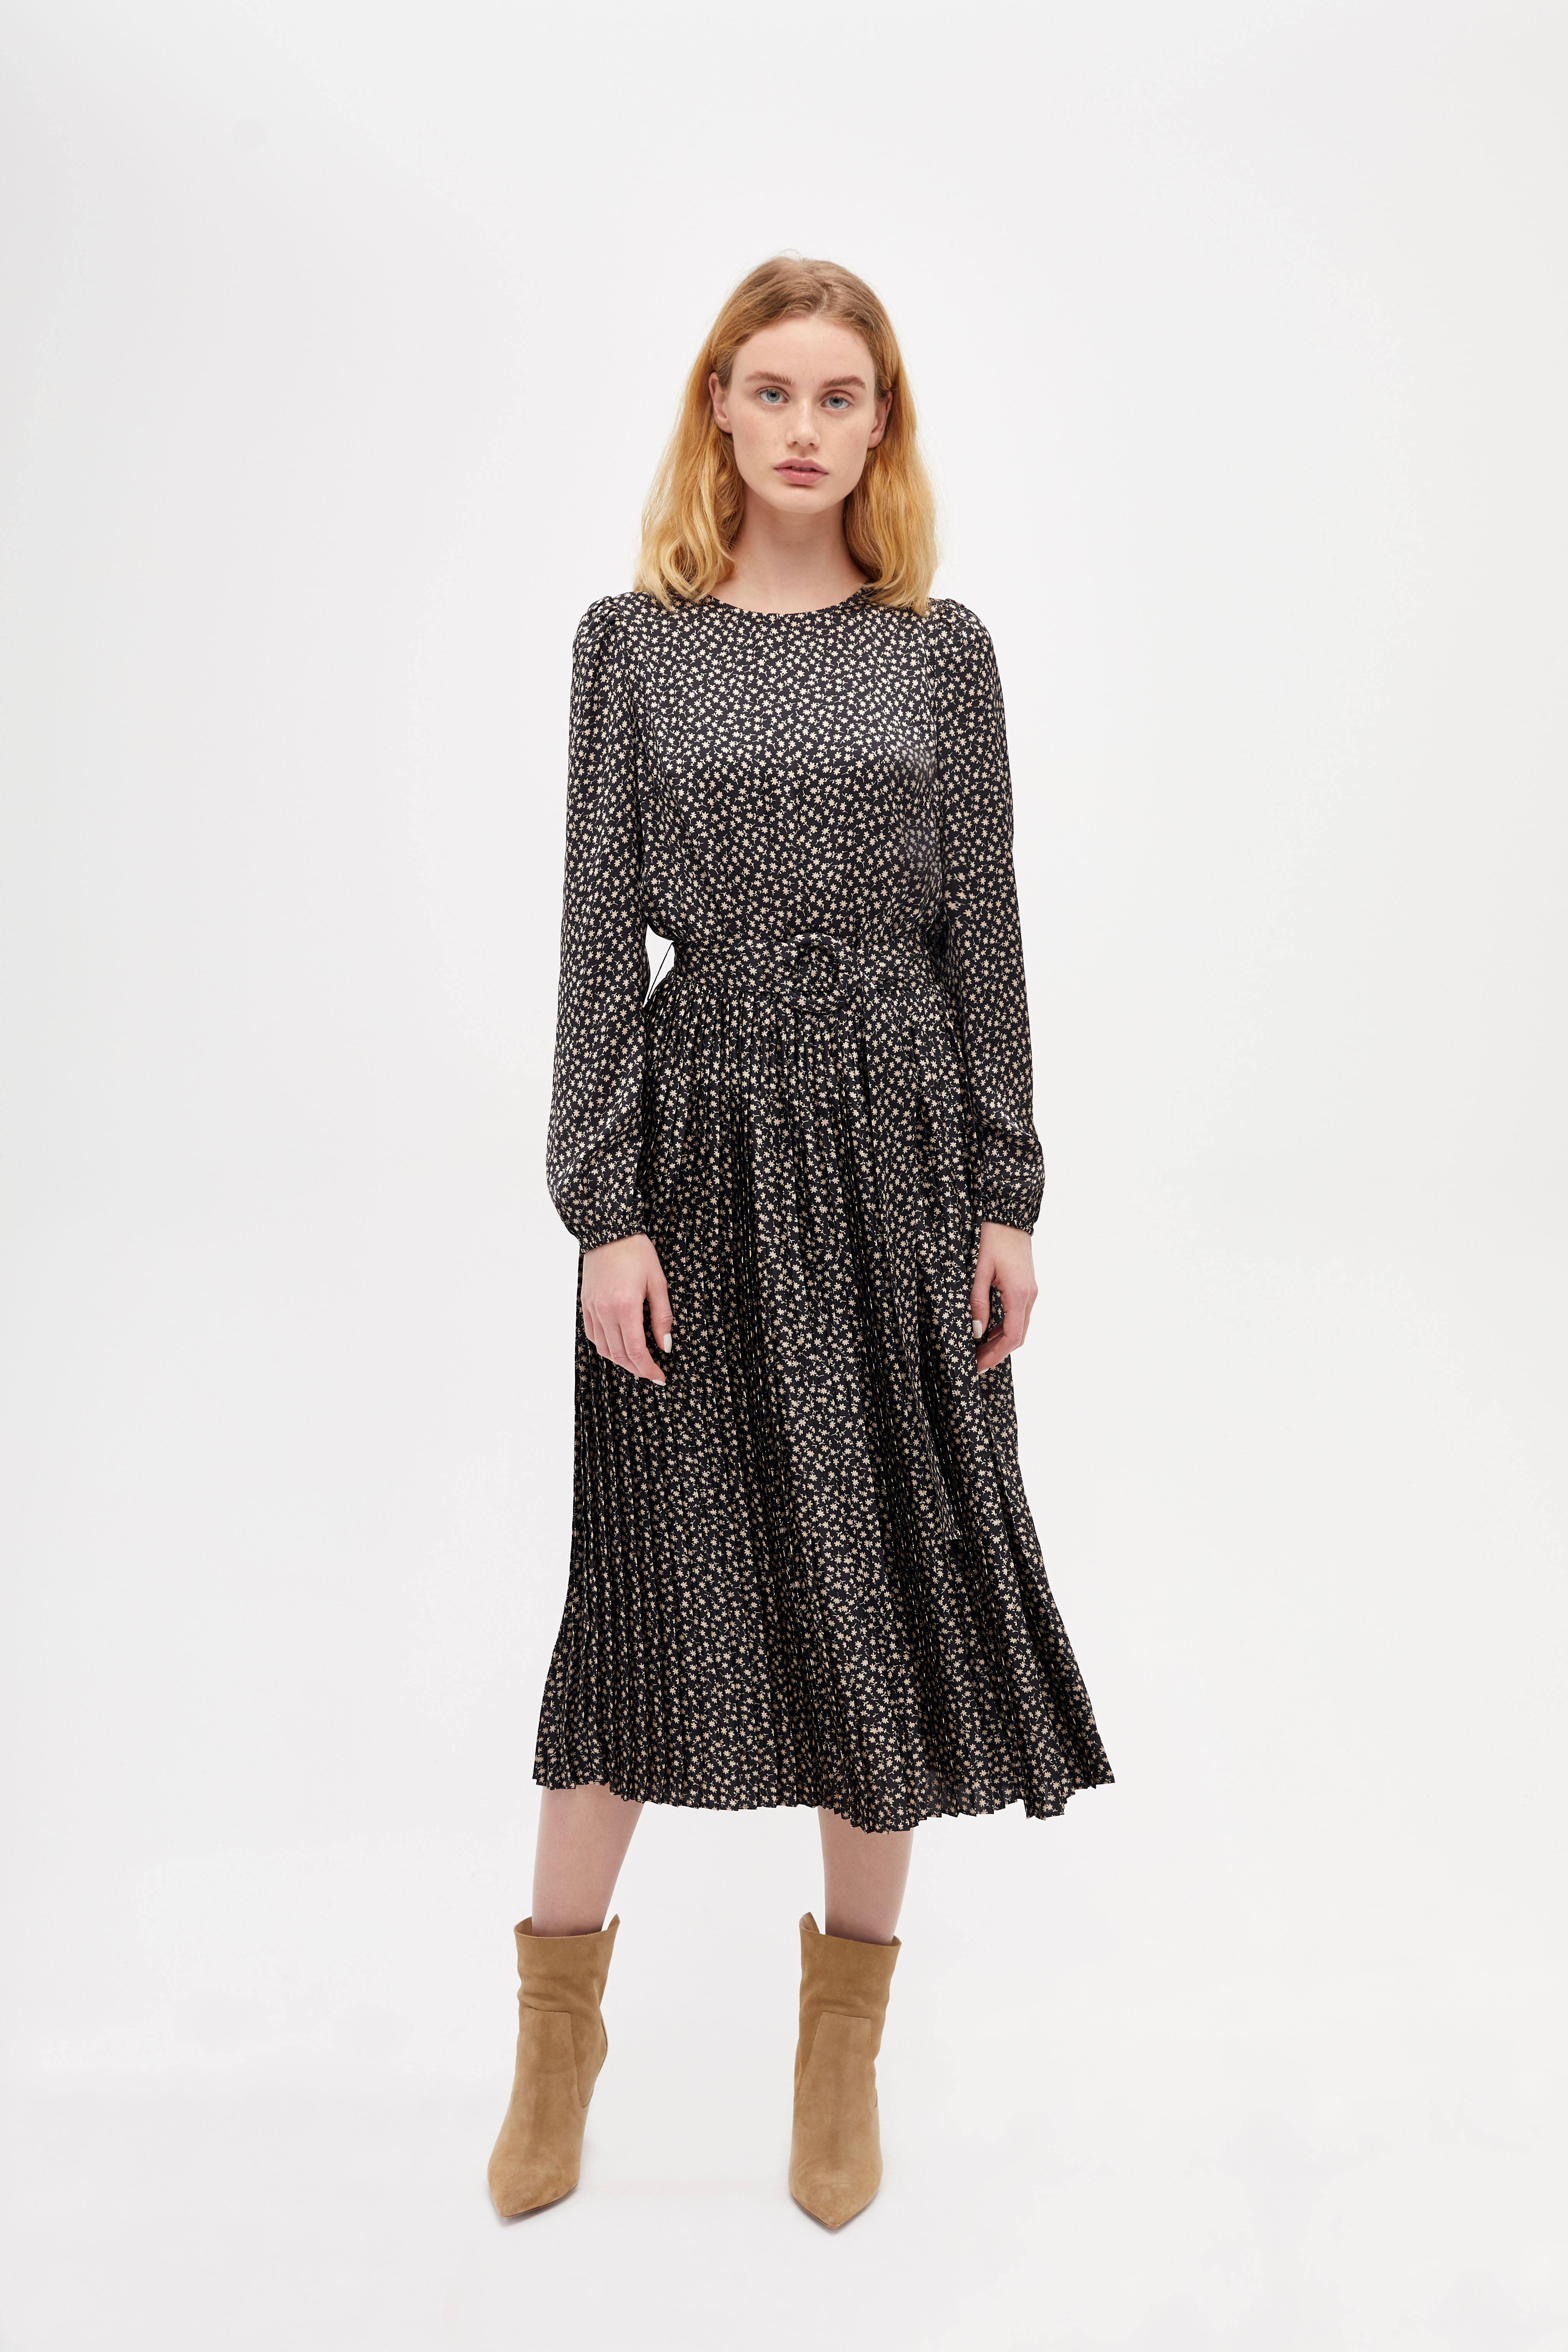 Платье LIME Платье с плиссированной юбкой короткое платье с длинной юбкой